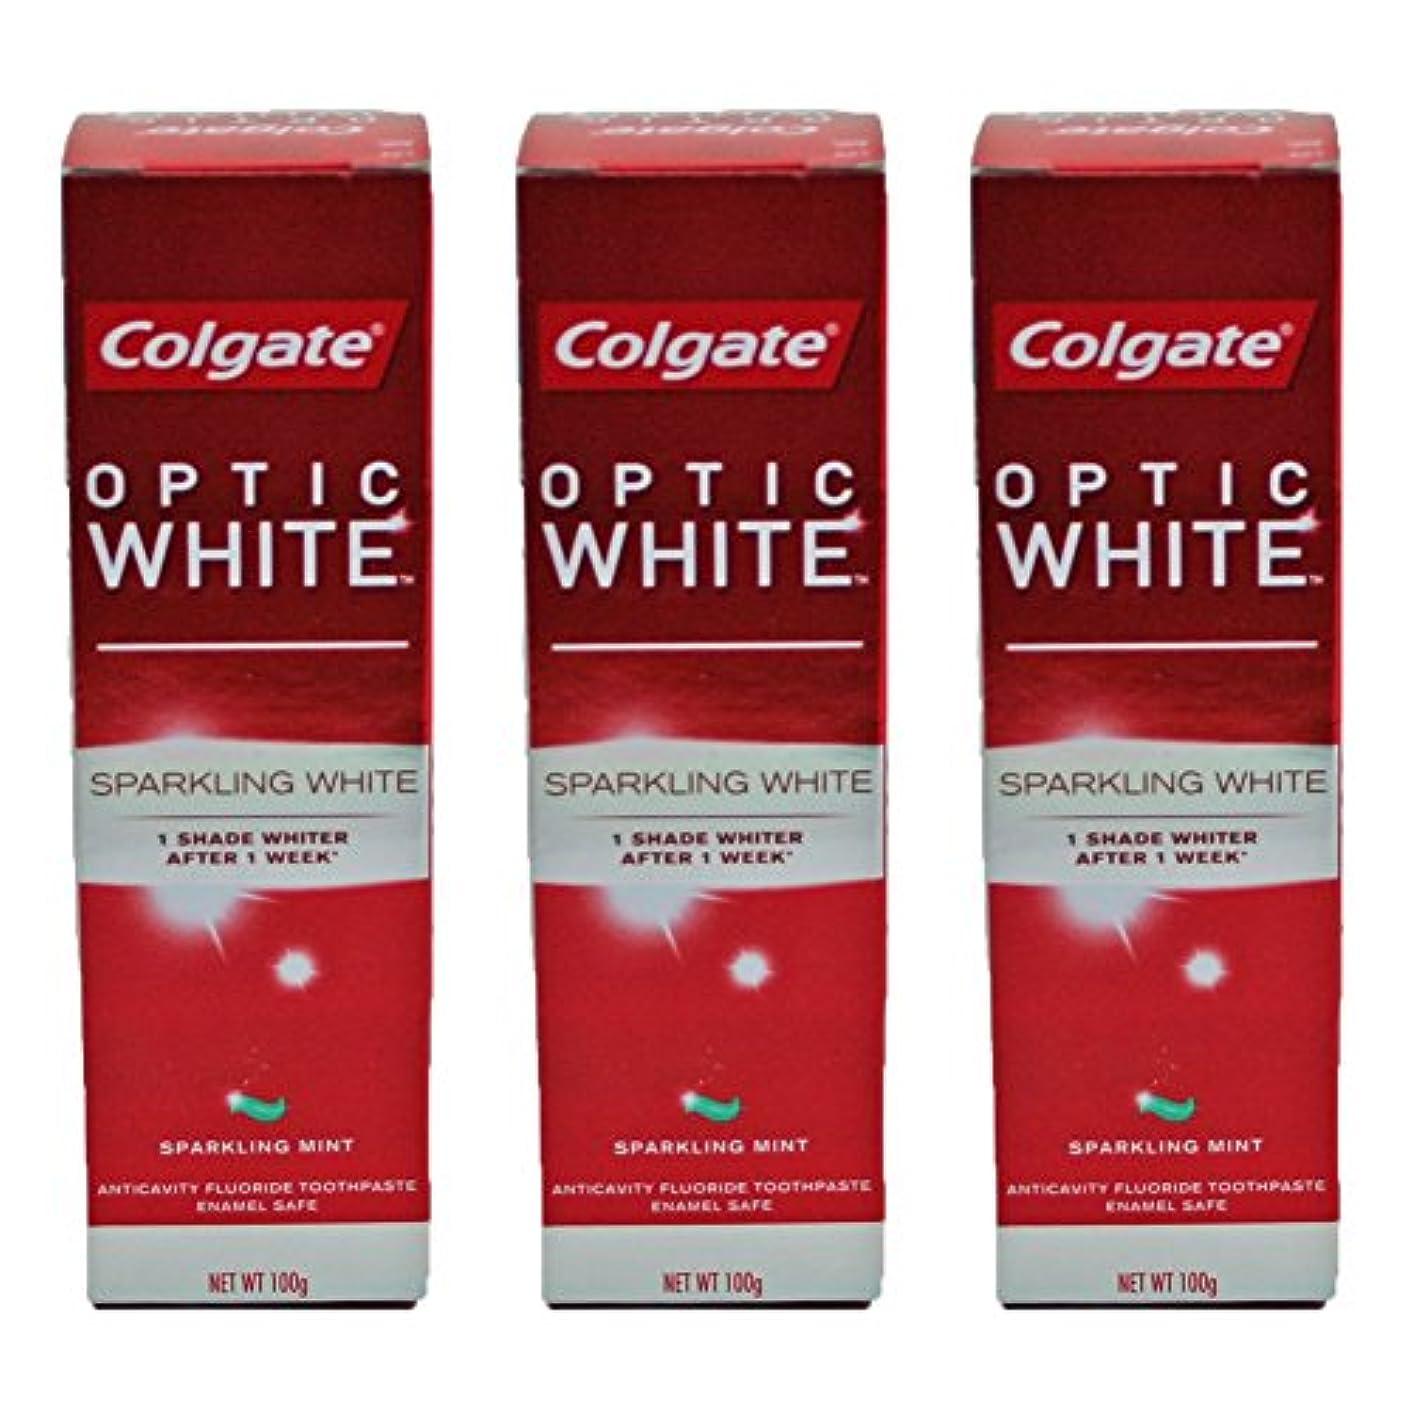 ショップレンディション月曜日コールゲート オプティック ホワイト スパークリングシャイン 100g 3個セット [並行輸入品]